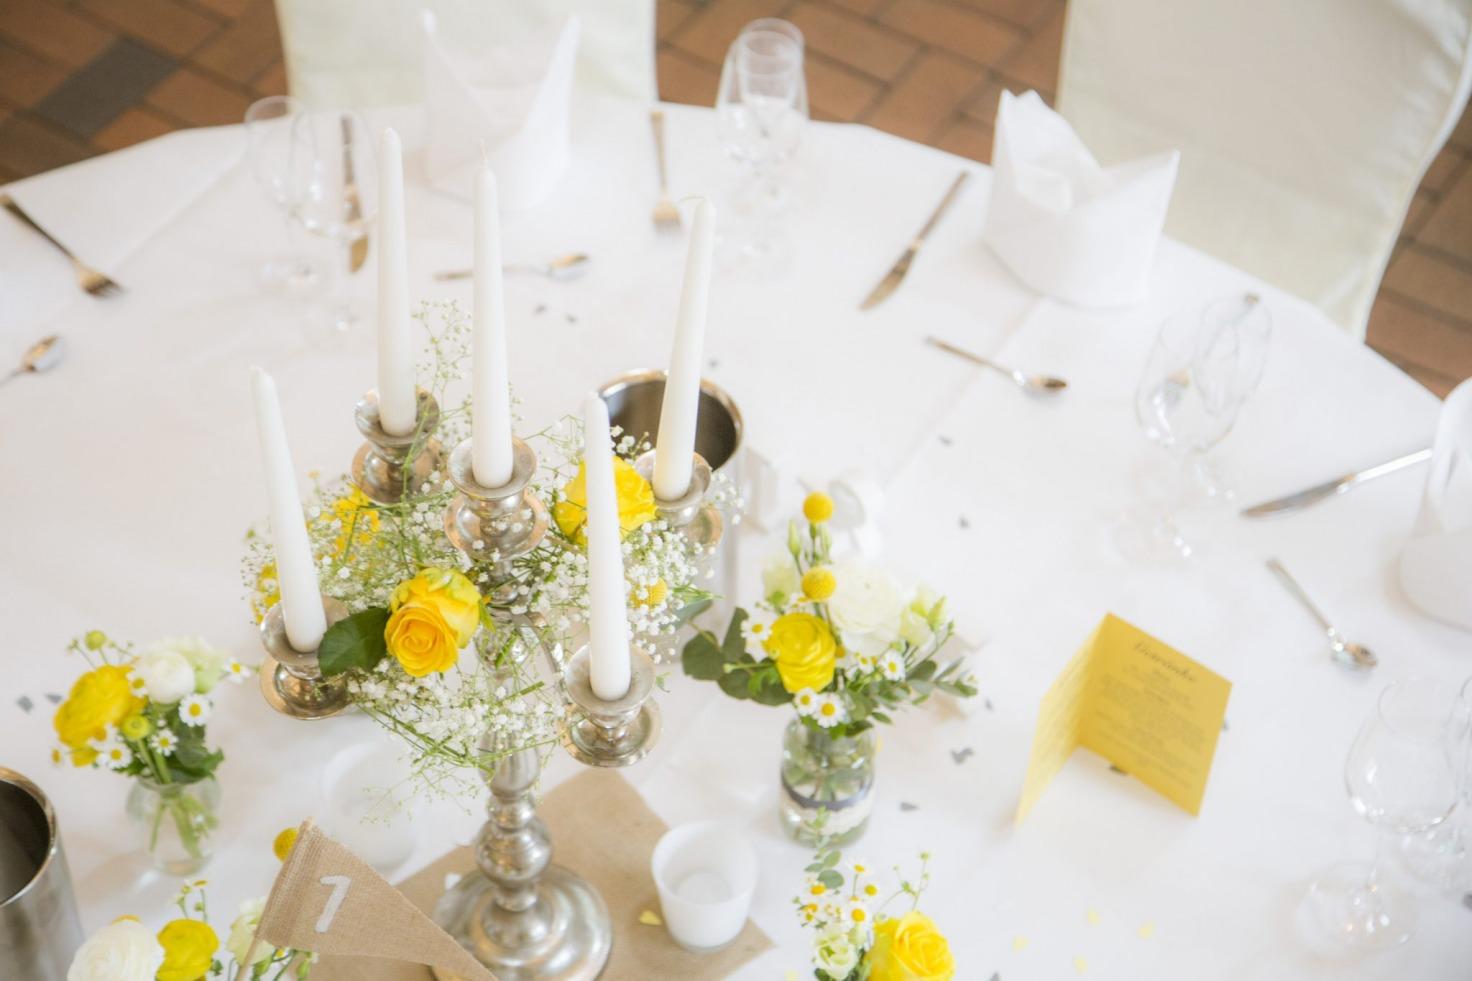 Hochzeit von Jannine und Christian in Münster: Kerzenständer auf dem Hochzeitstisch